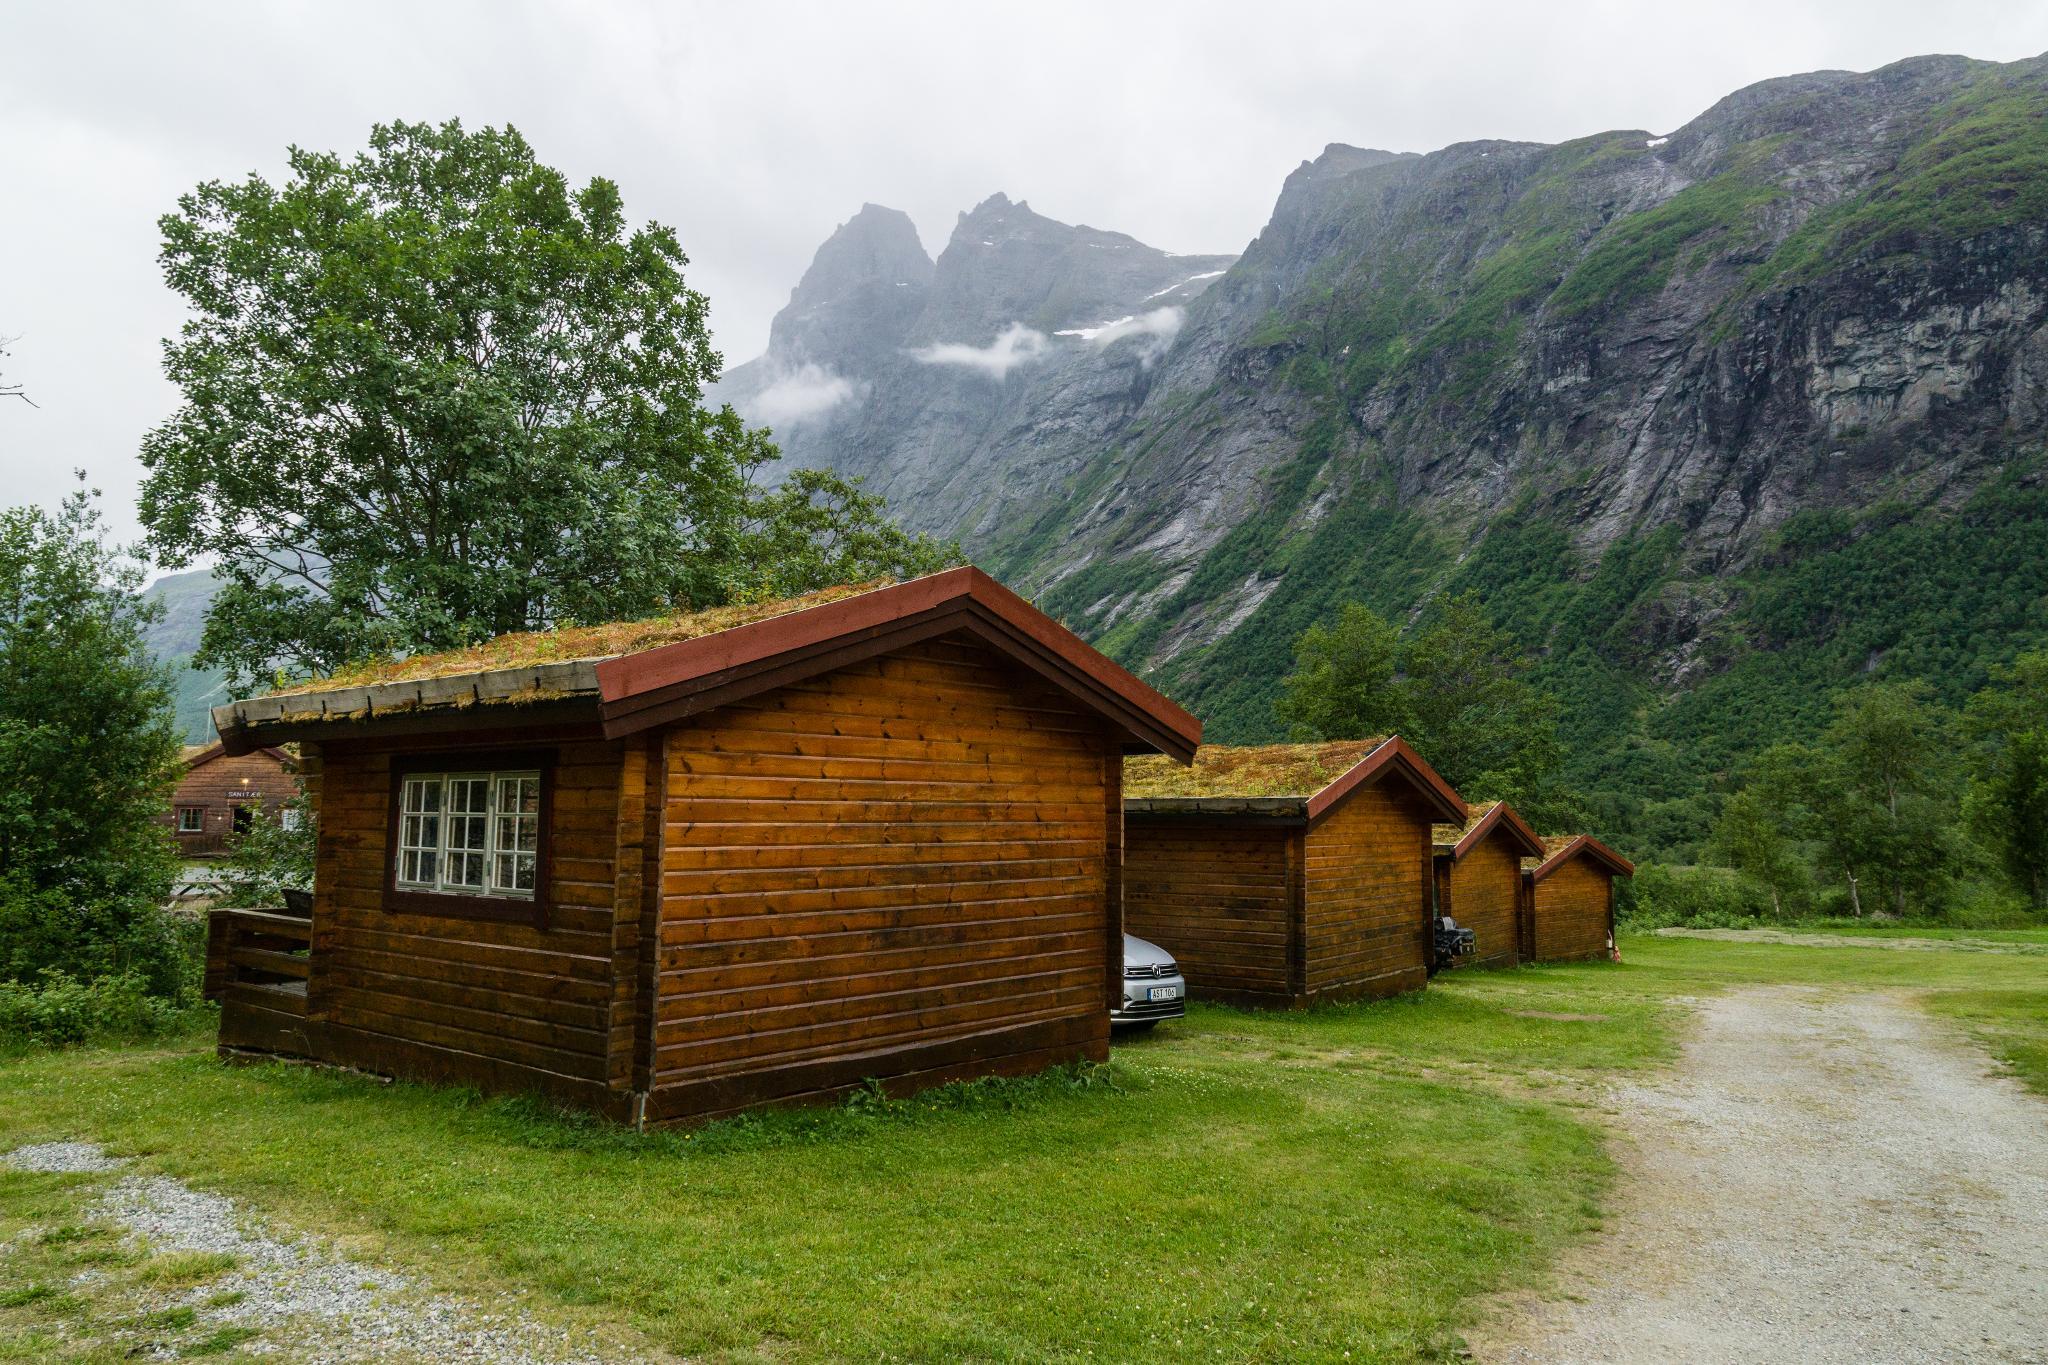 【北歐露營】在妖精出沒的峽谷中露營 - Trollstigen Camping 12